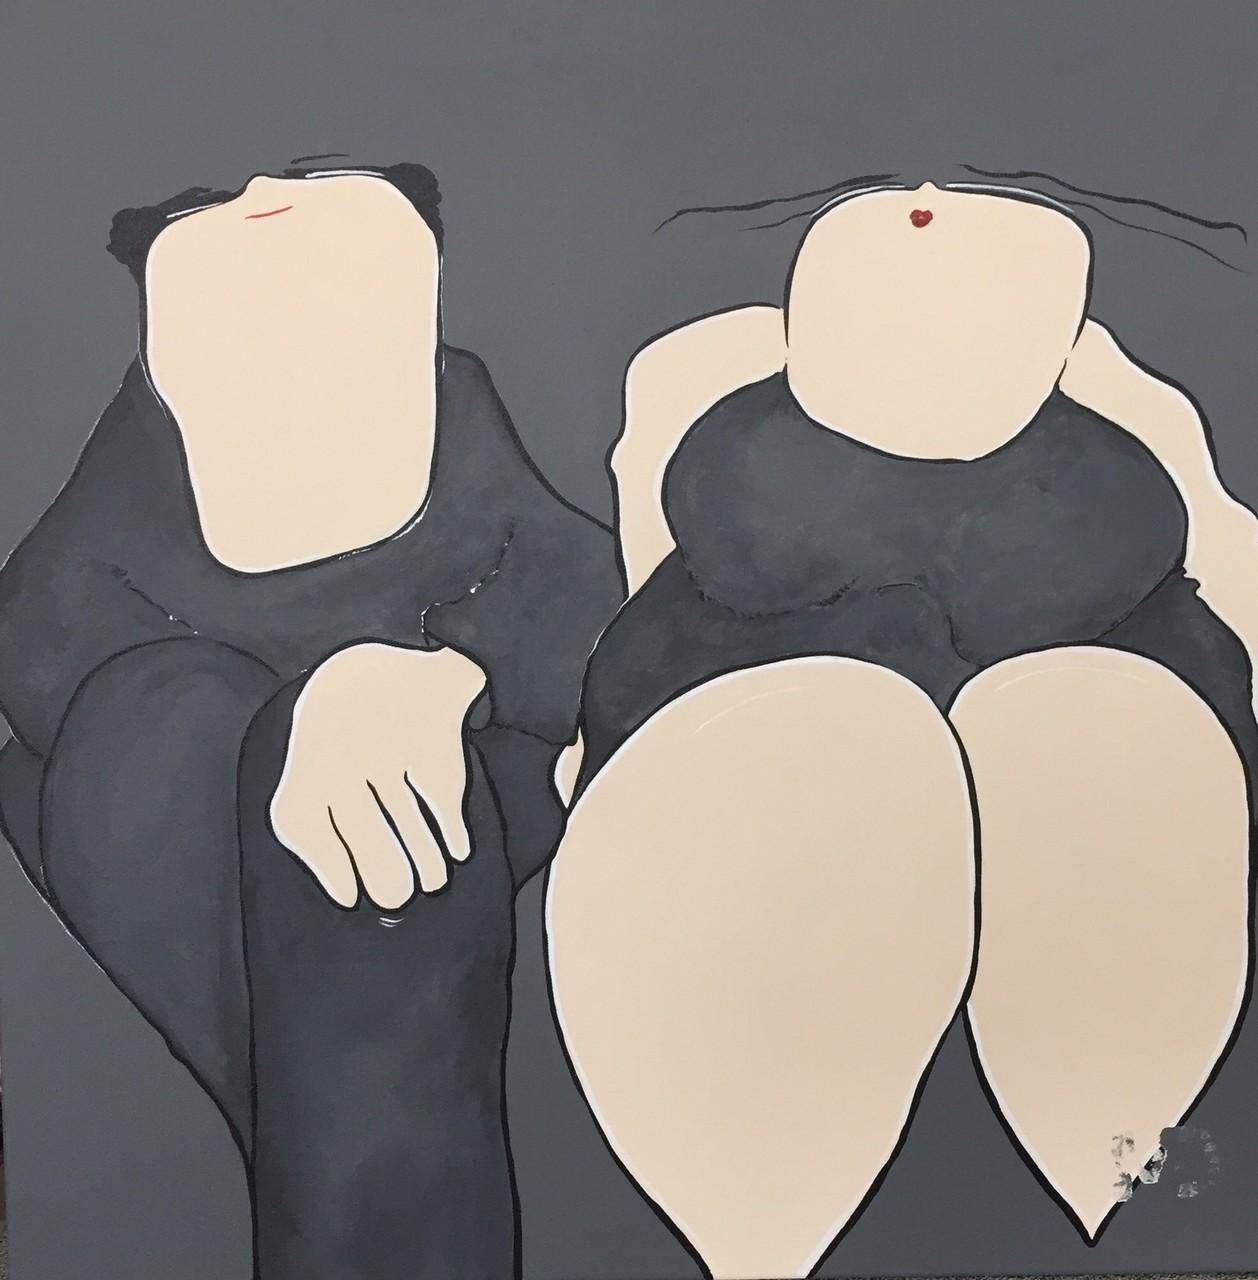 Parlez-moi d'Amour - Acryl - 50x50 - 1/4